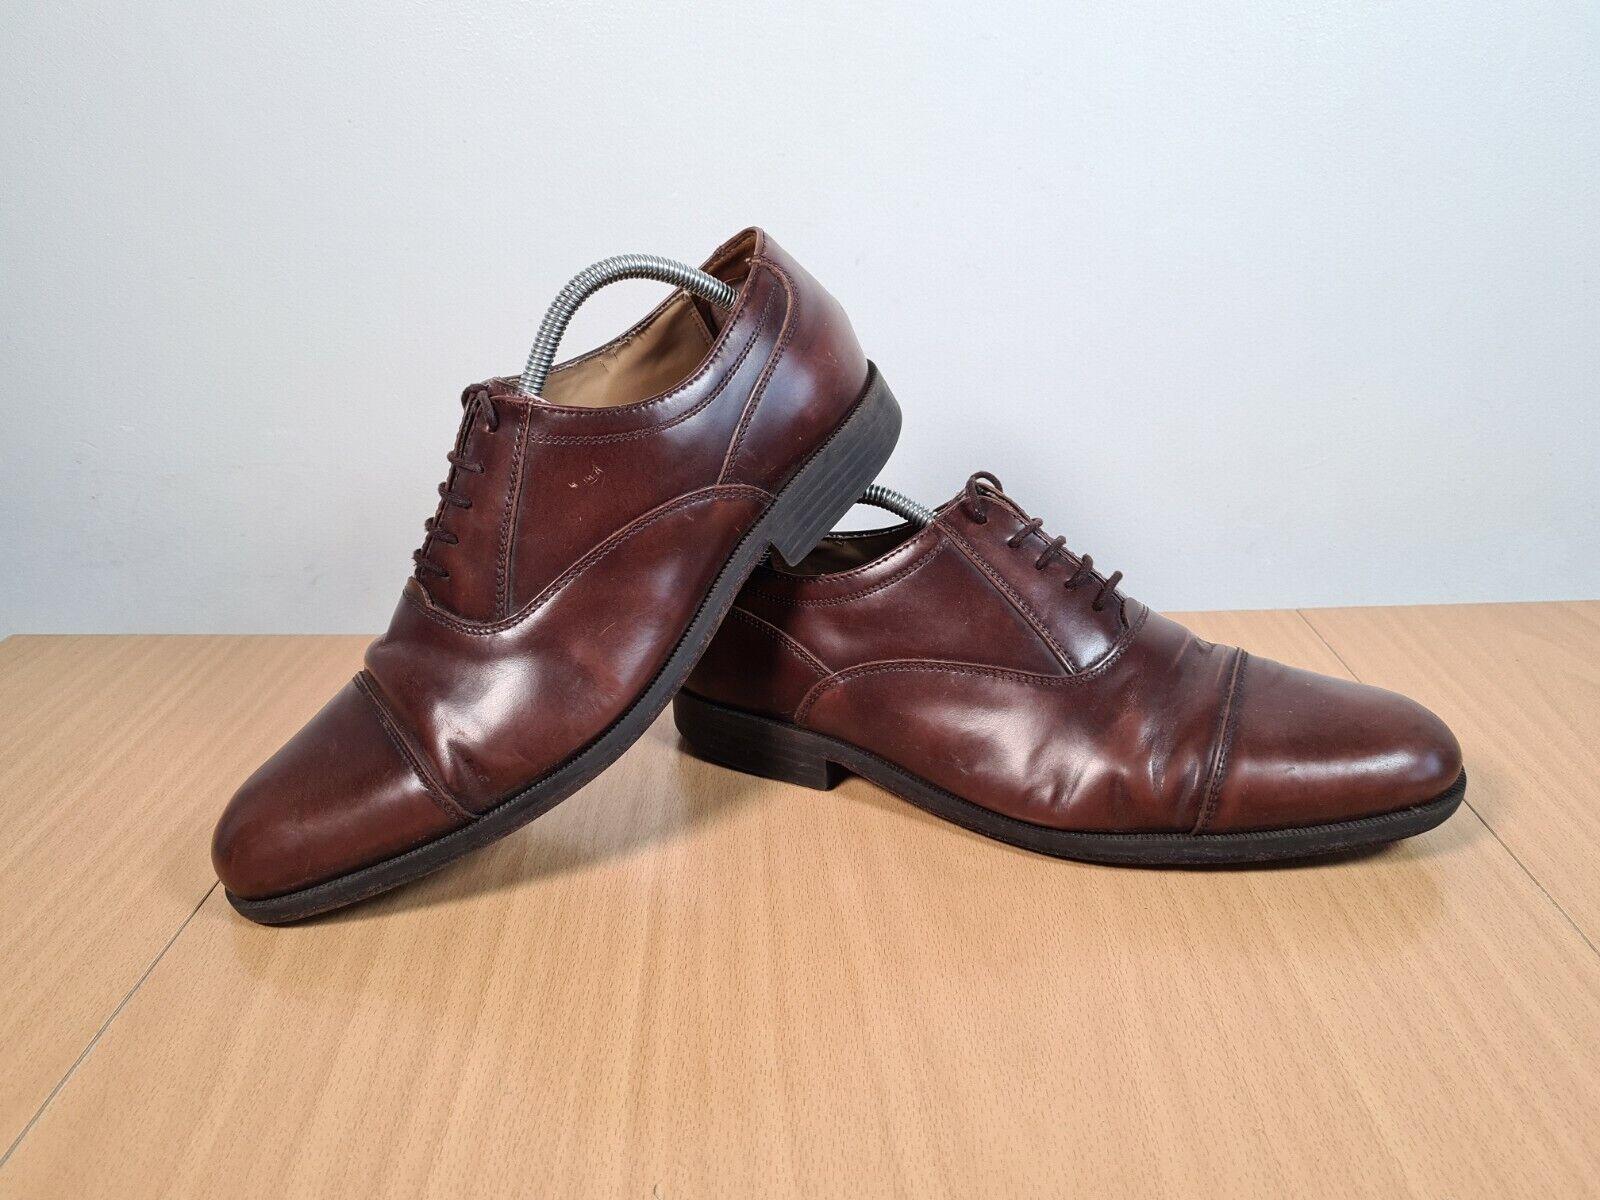 Clarks Brown Men's Formal Shoes Size Uk 10